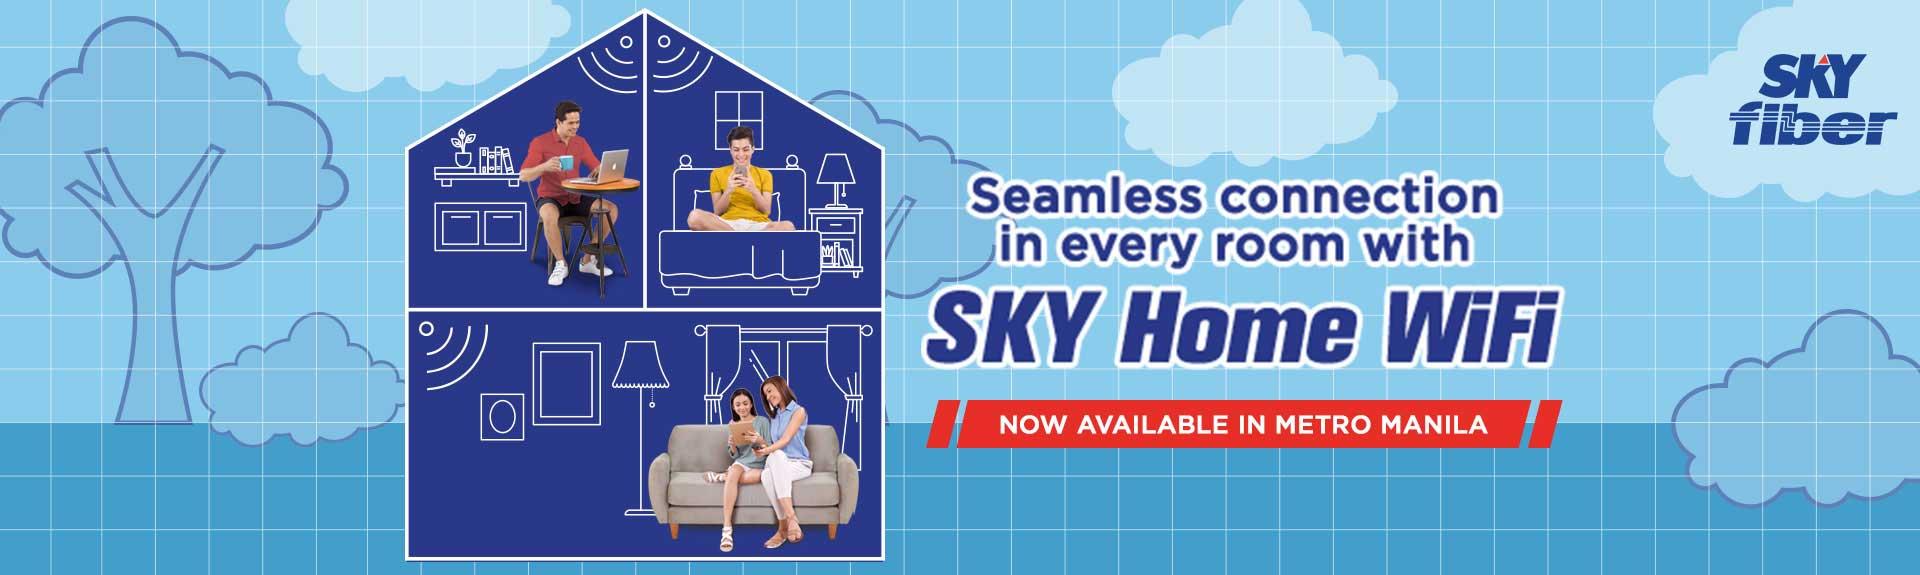 SKY Home